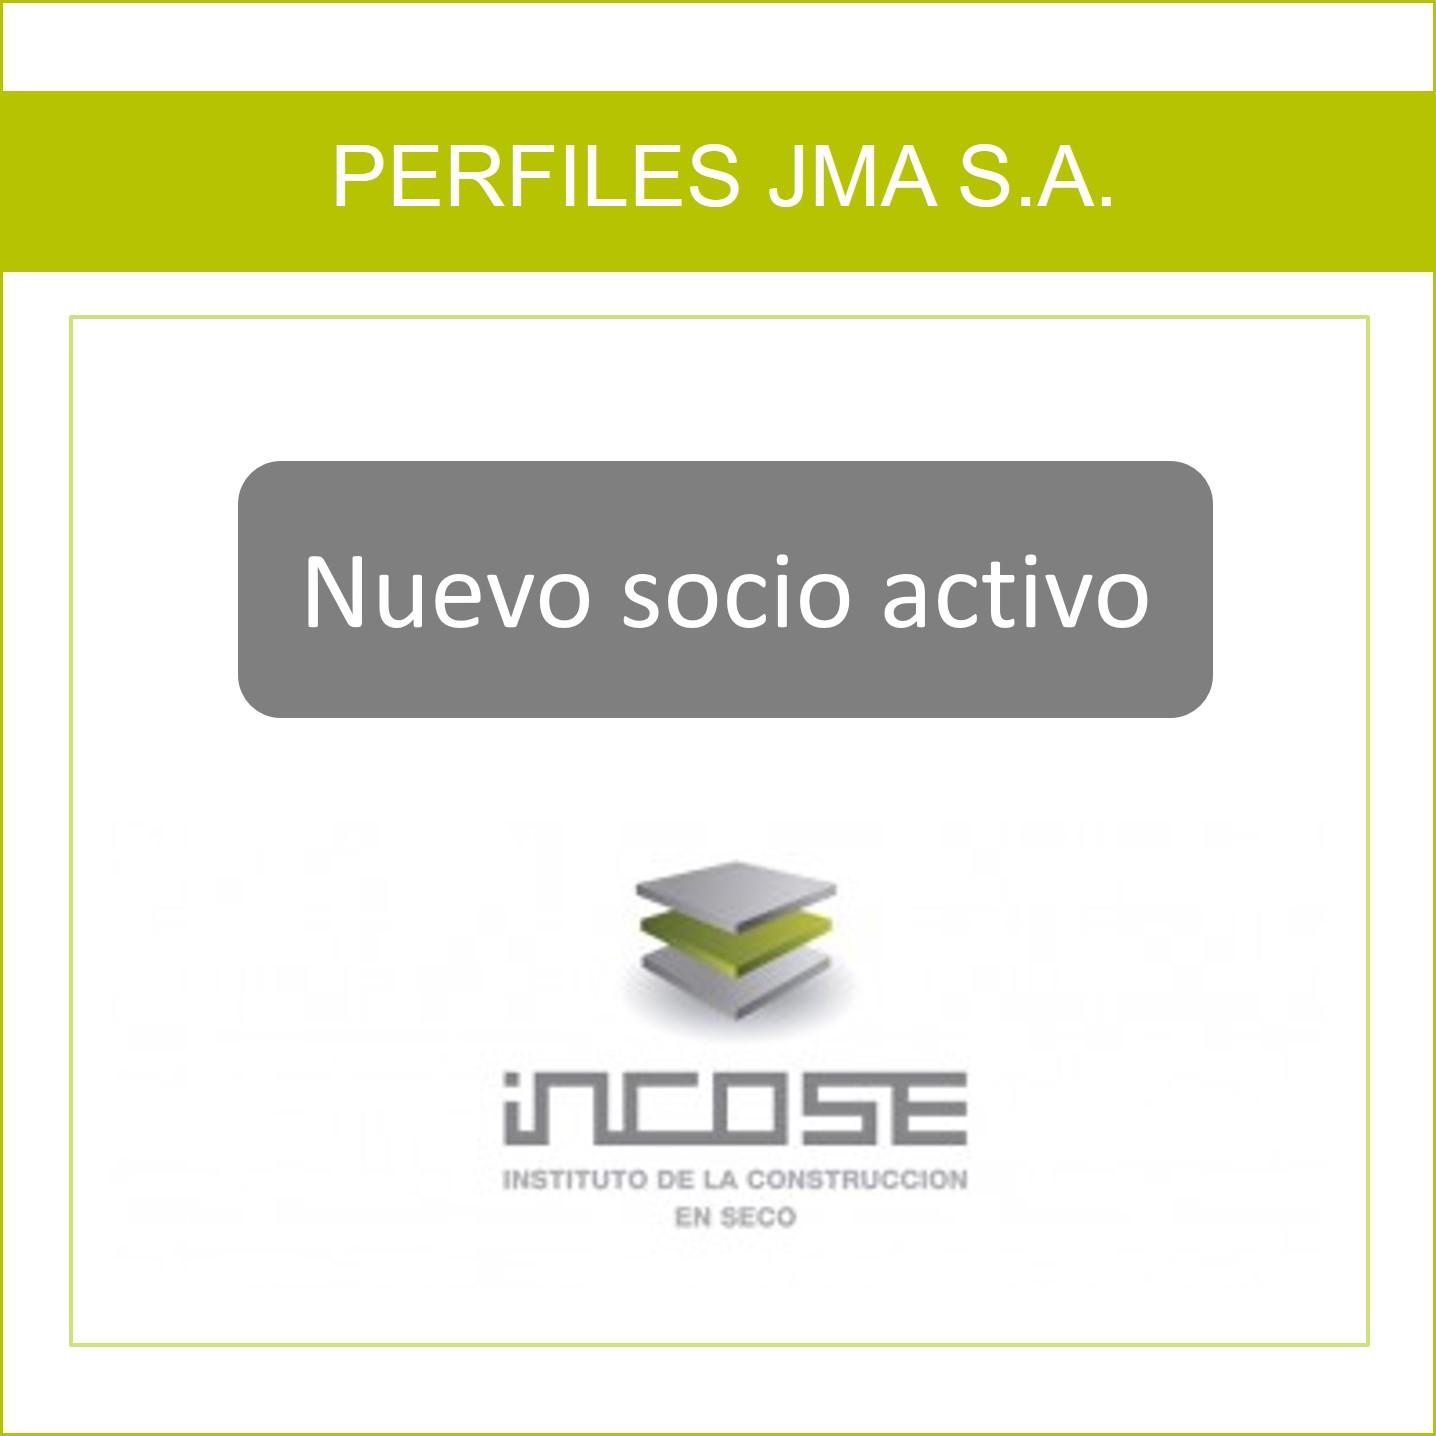 PERFILES JMA S.A. – MIEMBRO DEL INCOSE